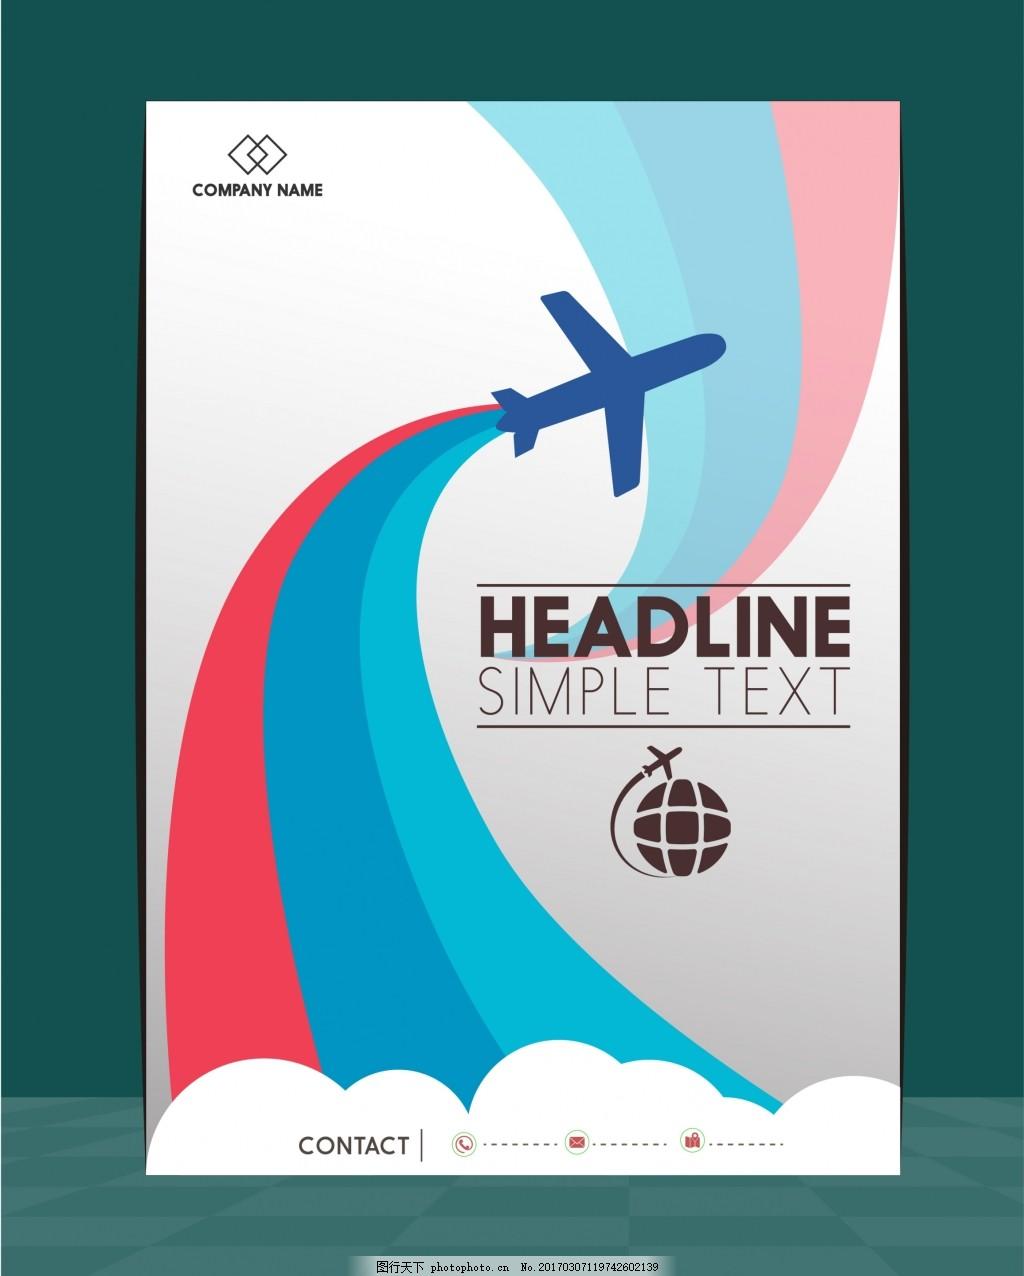 扁平化航天论文,扁平化飞机海报设计本科云朵海报v航天机械海报图片